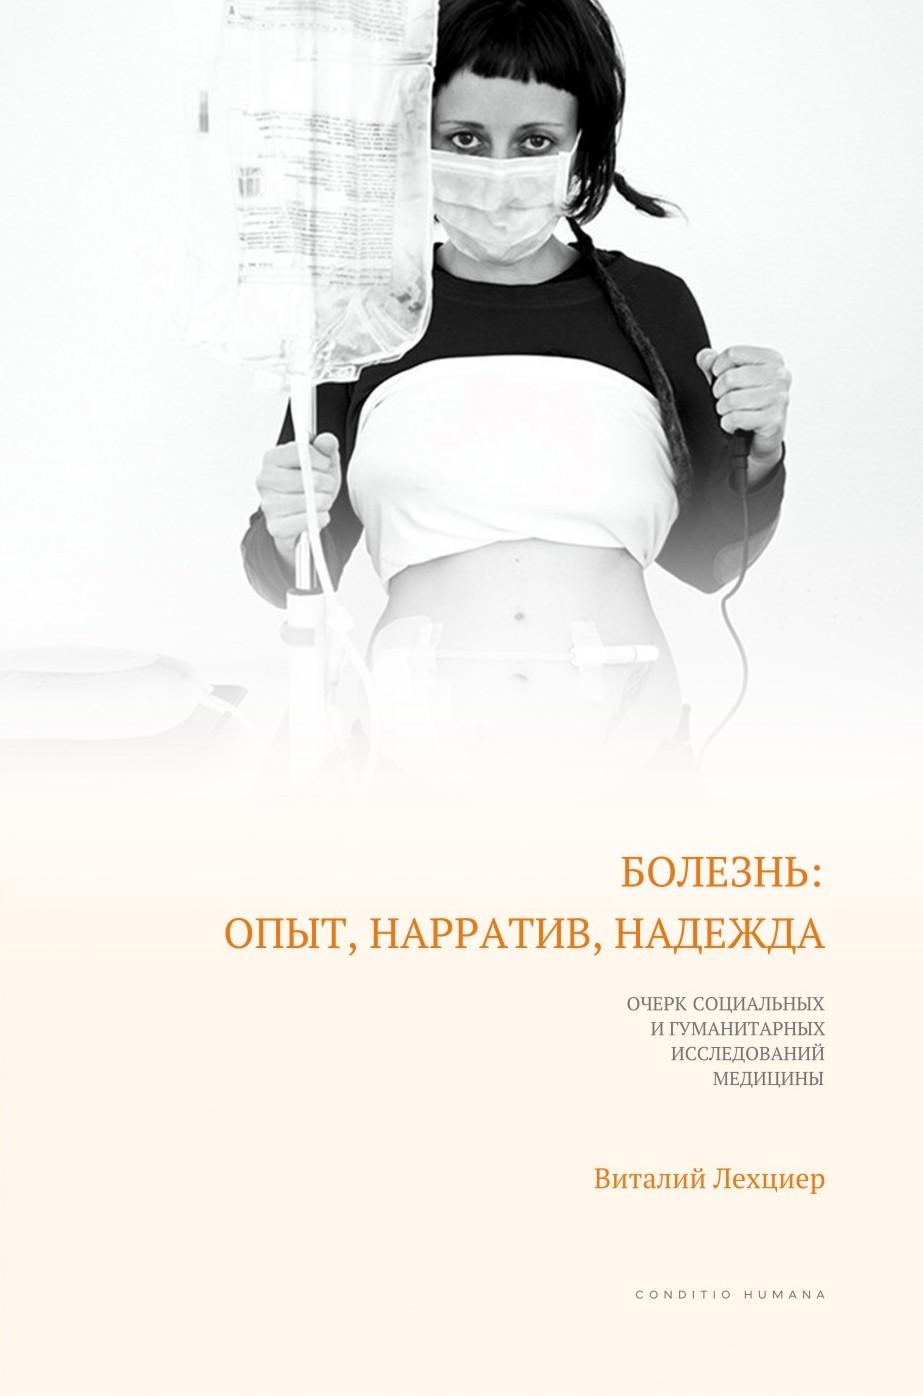 Обложка книги В.Л. Лехциера «Болезнь: опыт, нарратив, надежда...» (Вильнюс: Logvino literatures namai, 2018). Портрет Лун